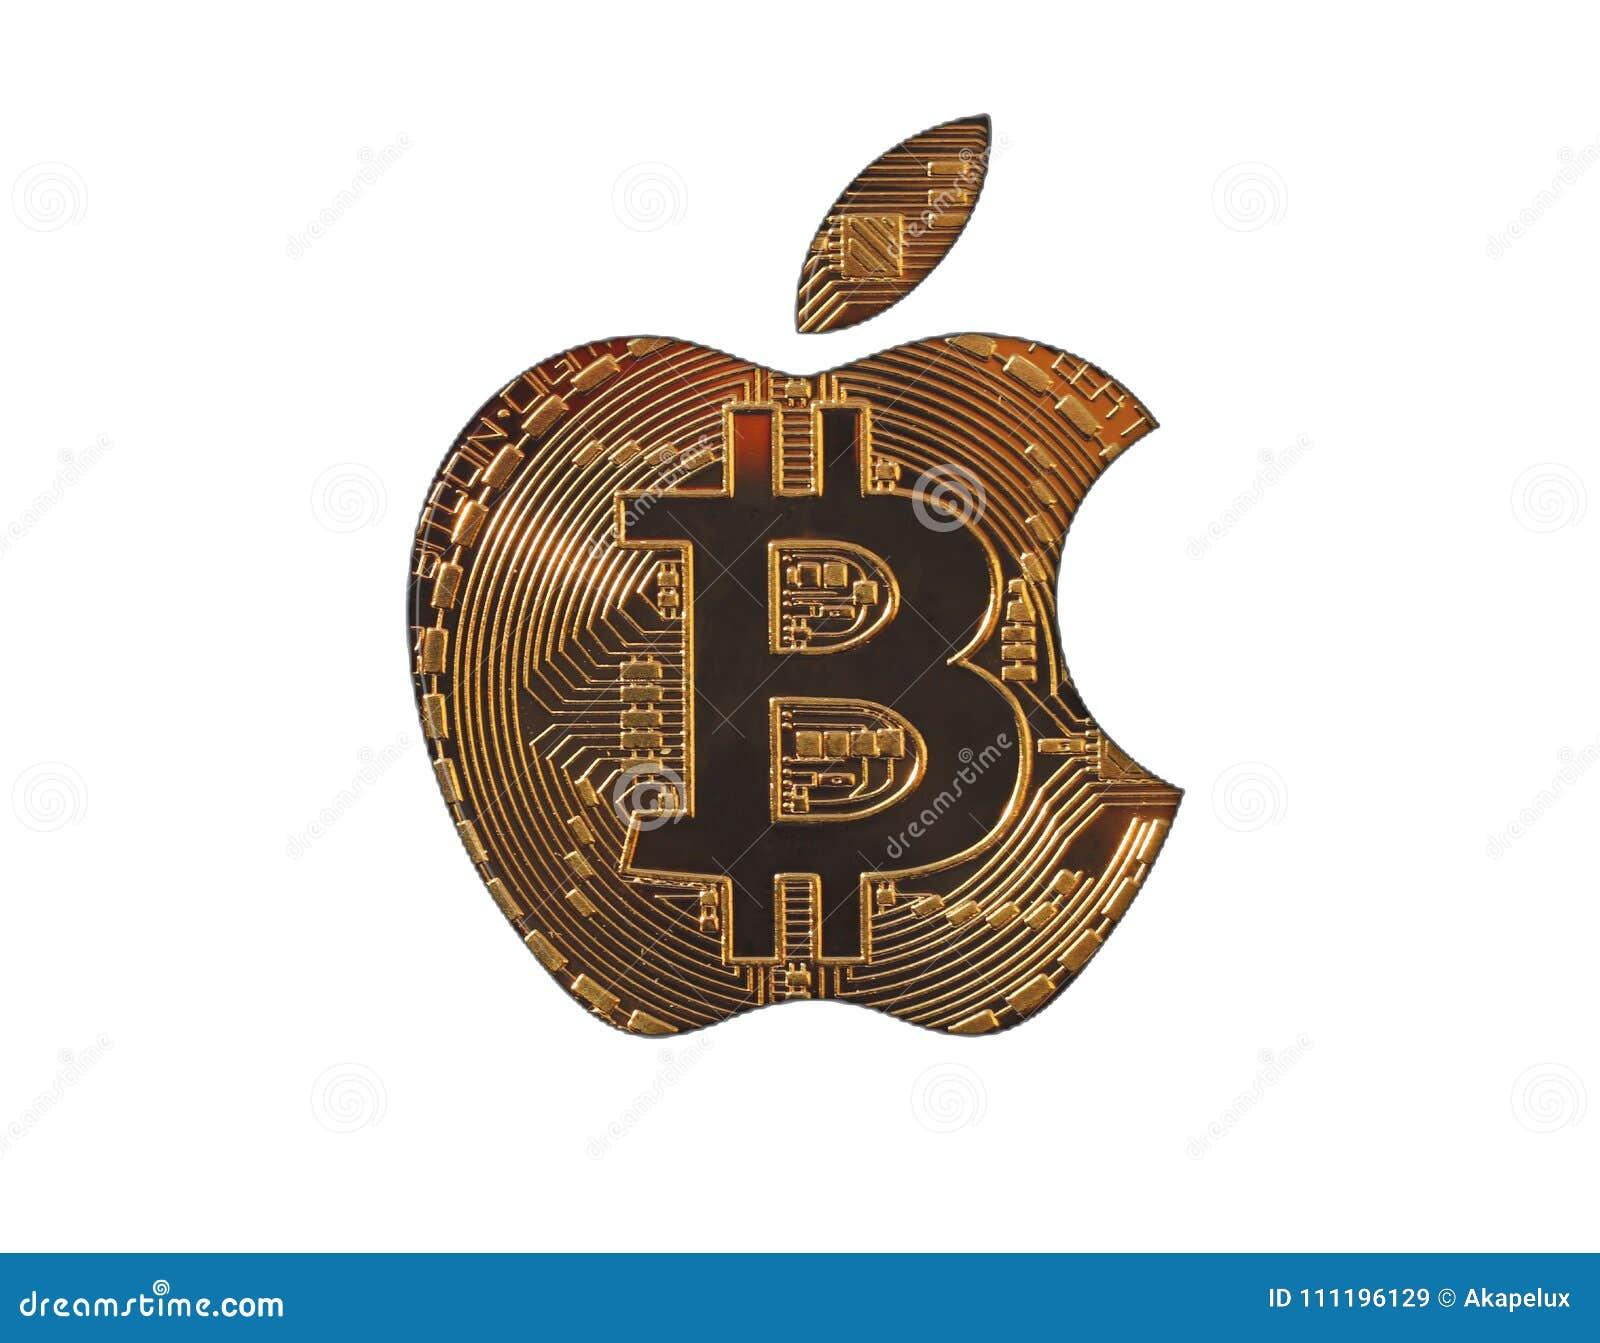 Visa tiesa apie bitcoins - komiksai24.lt